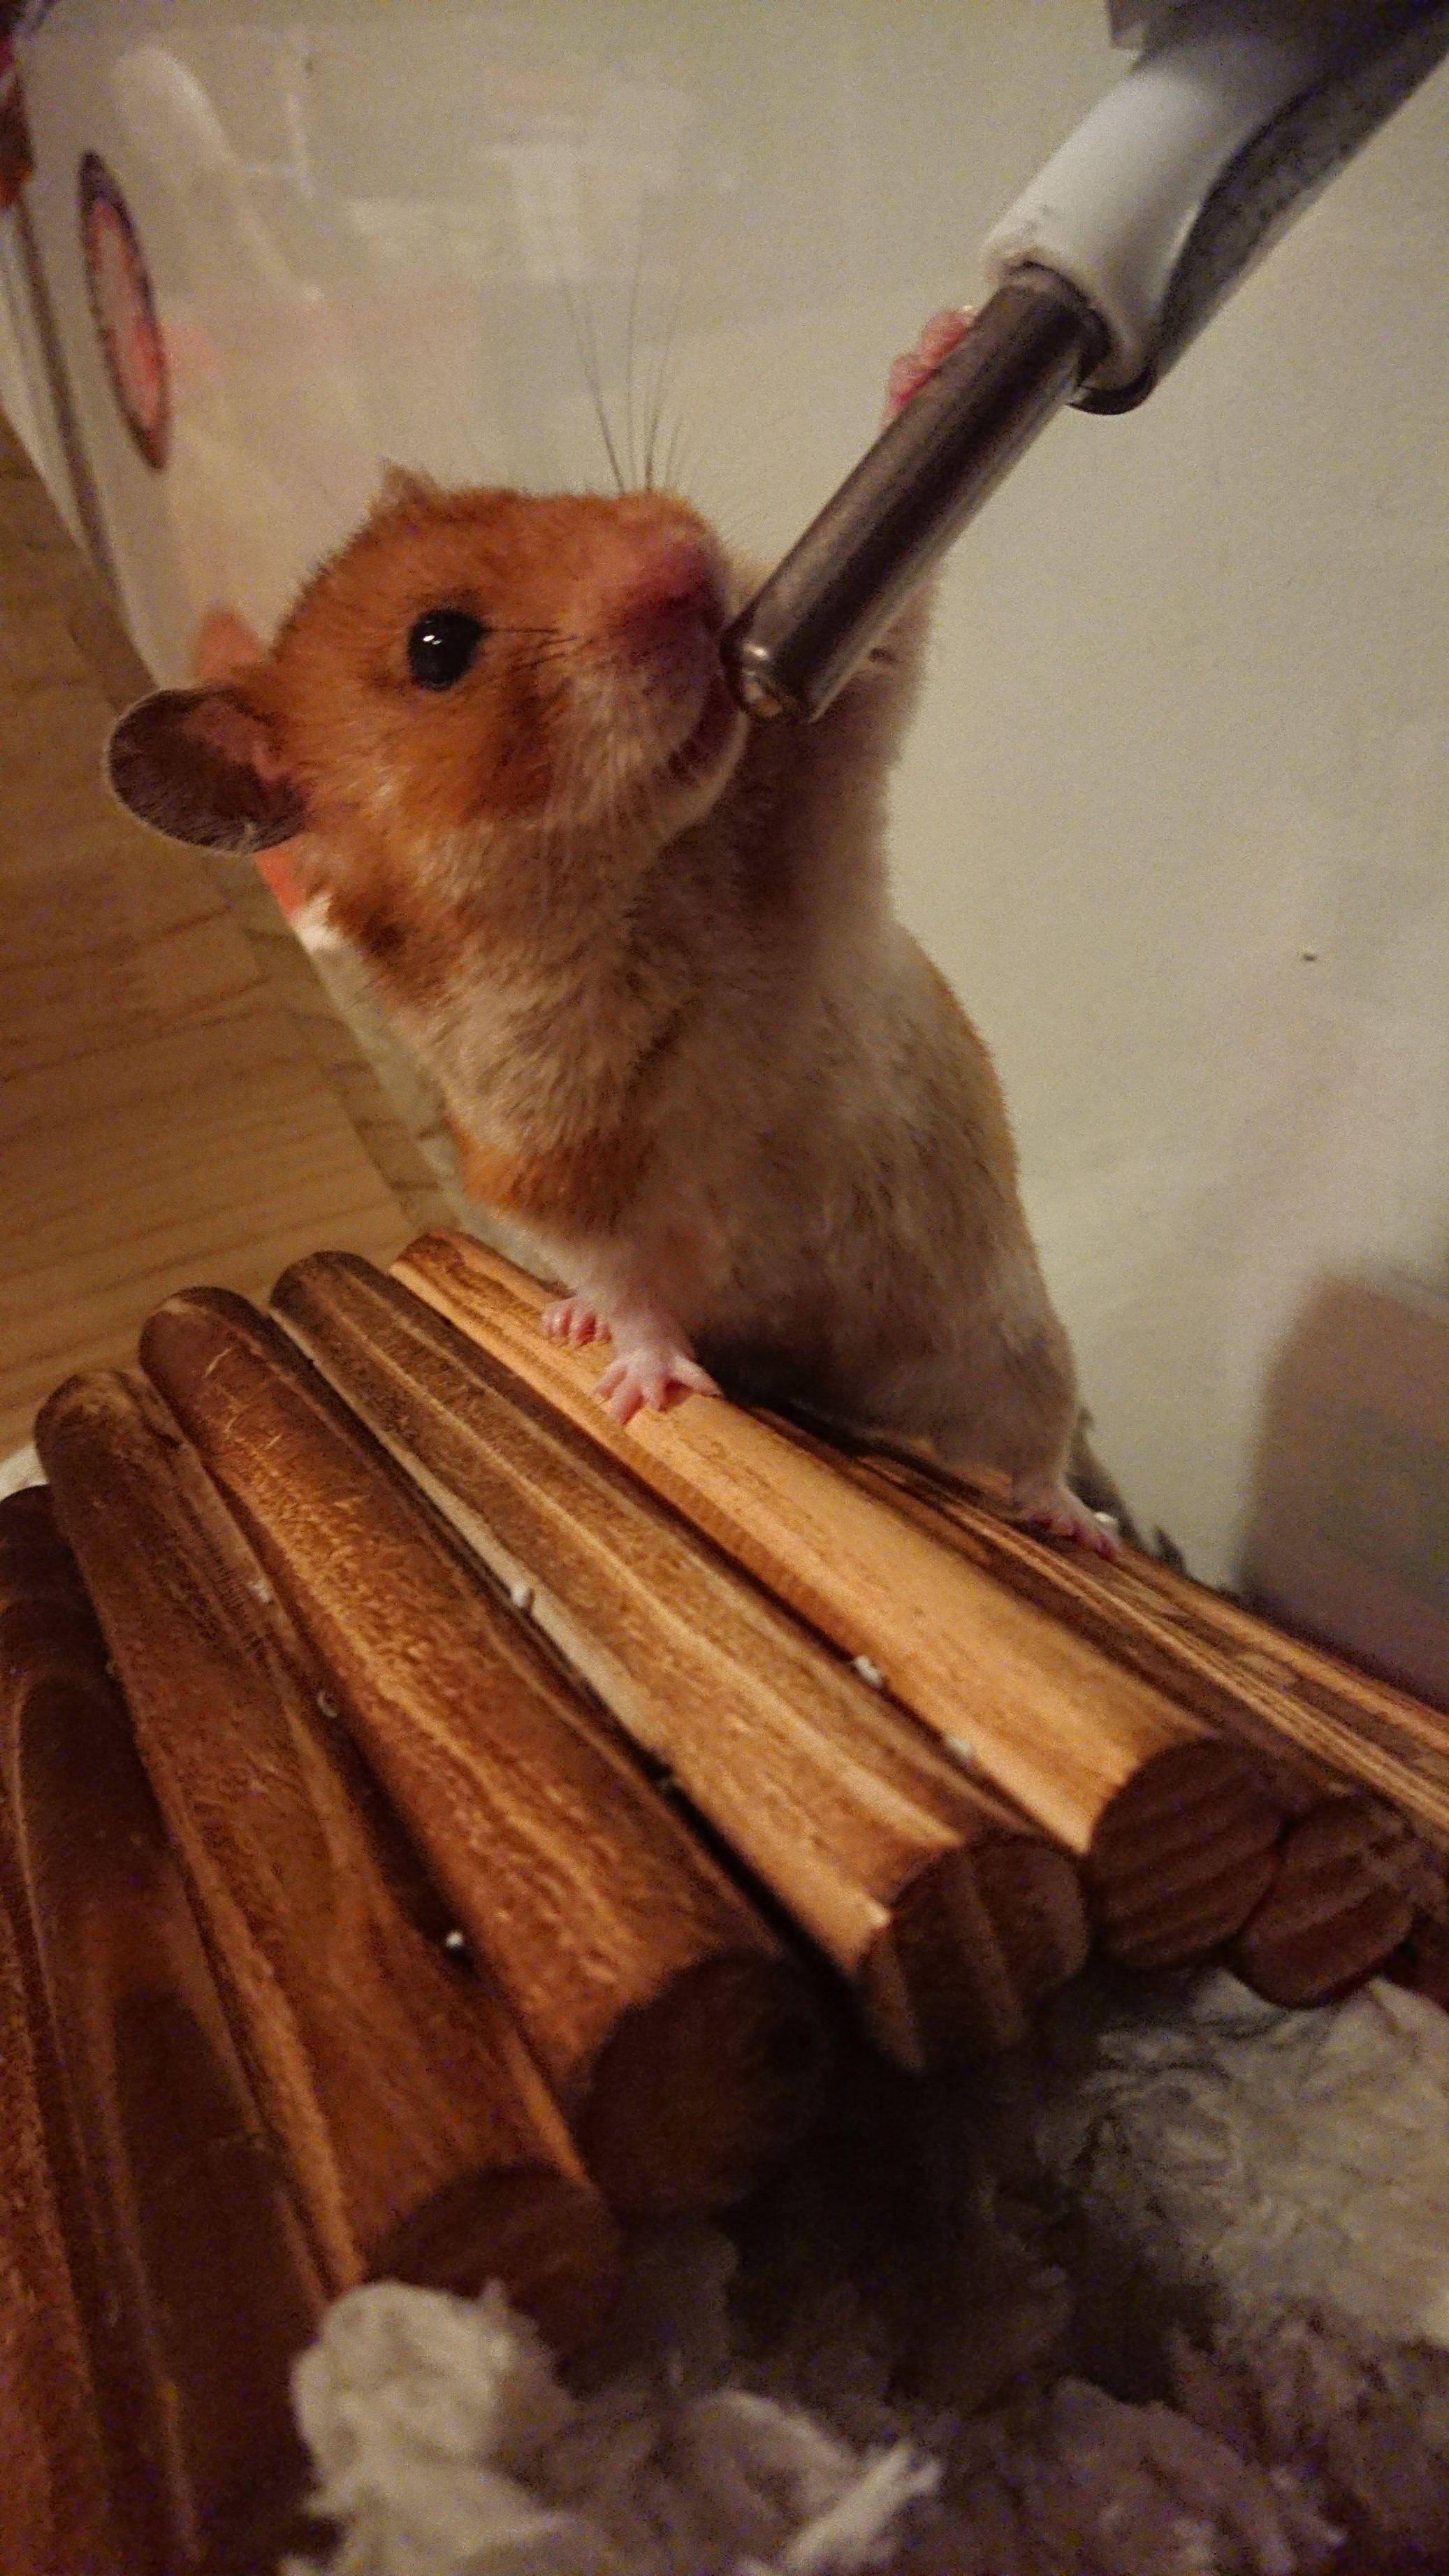 My Little Baby Twibbles Http Ift Tt 2u3meqs Hamster Cute